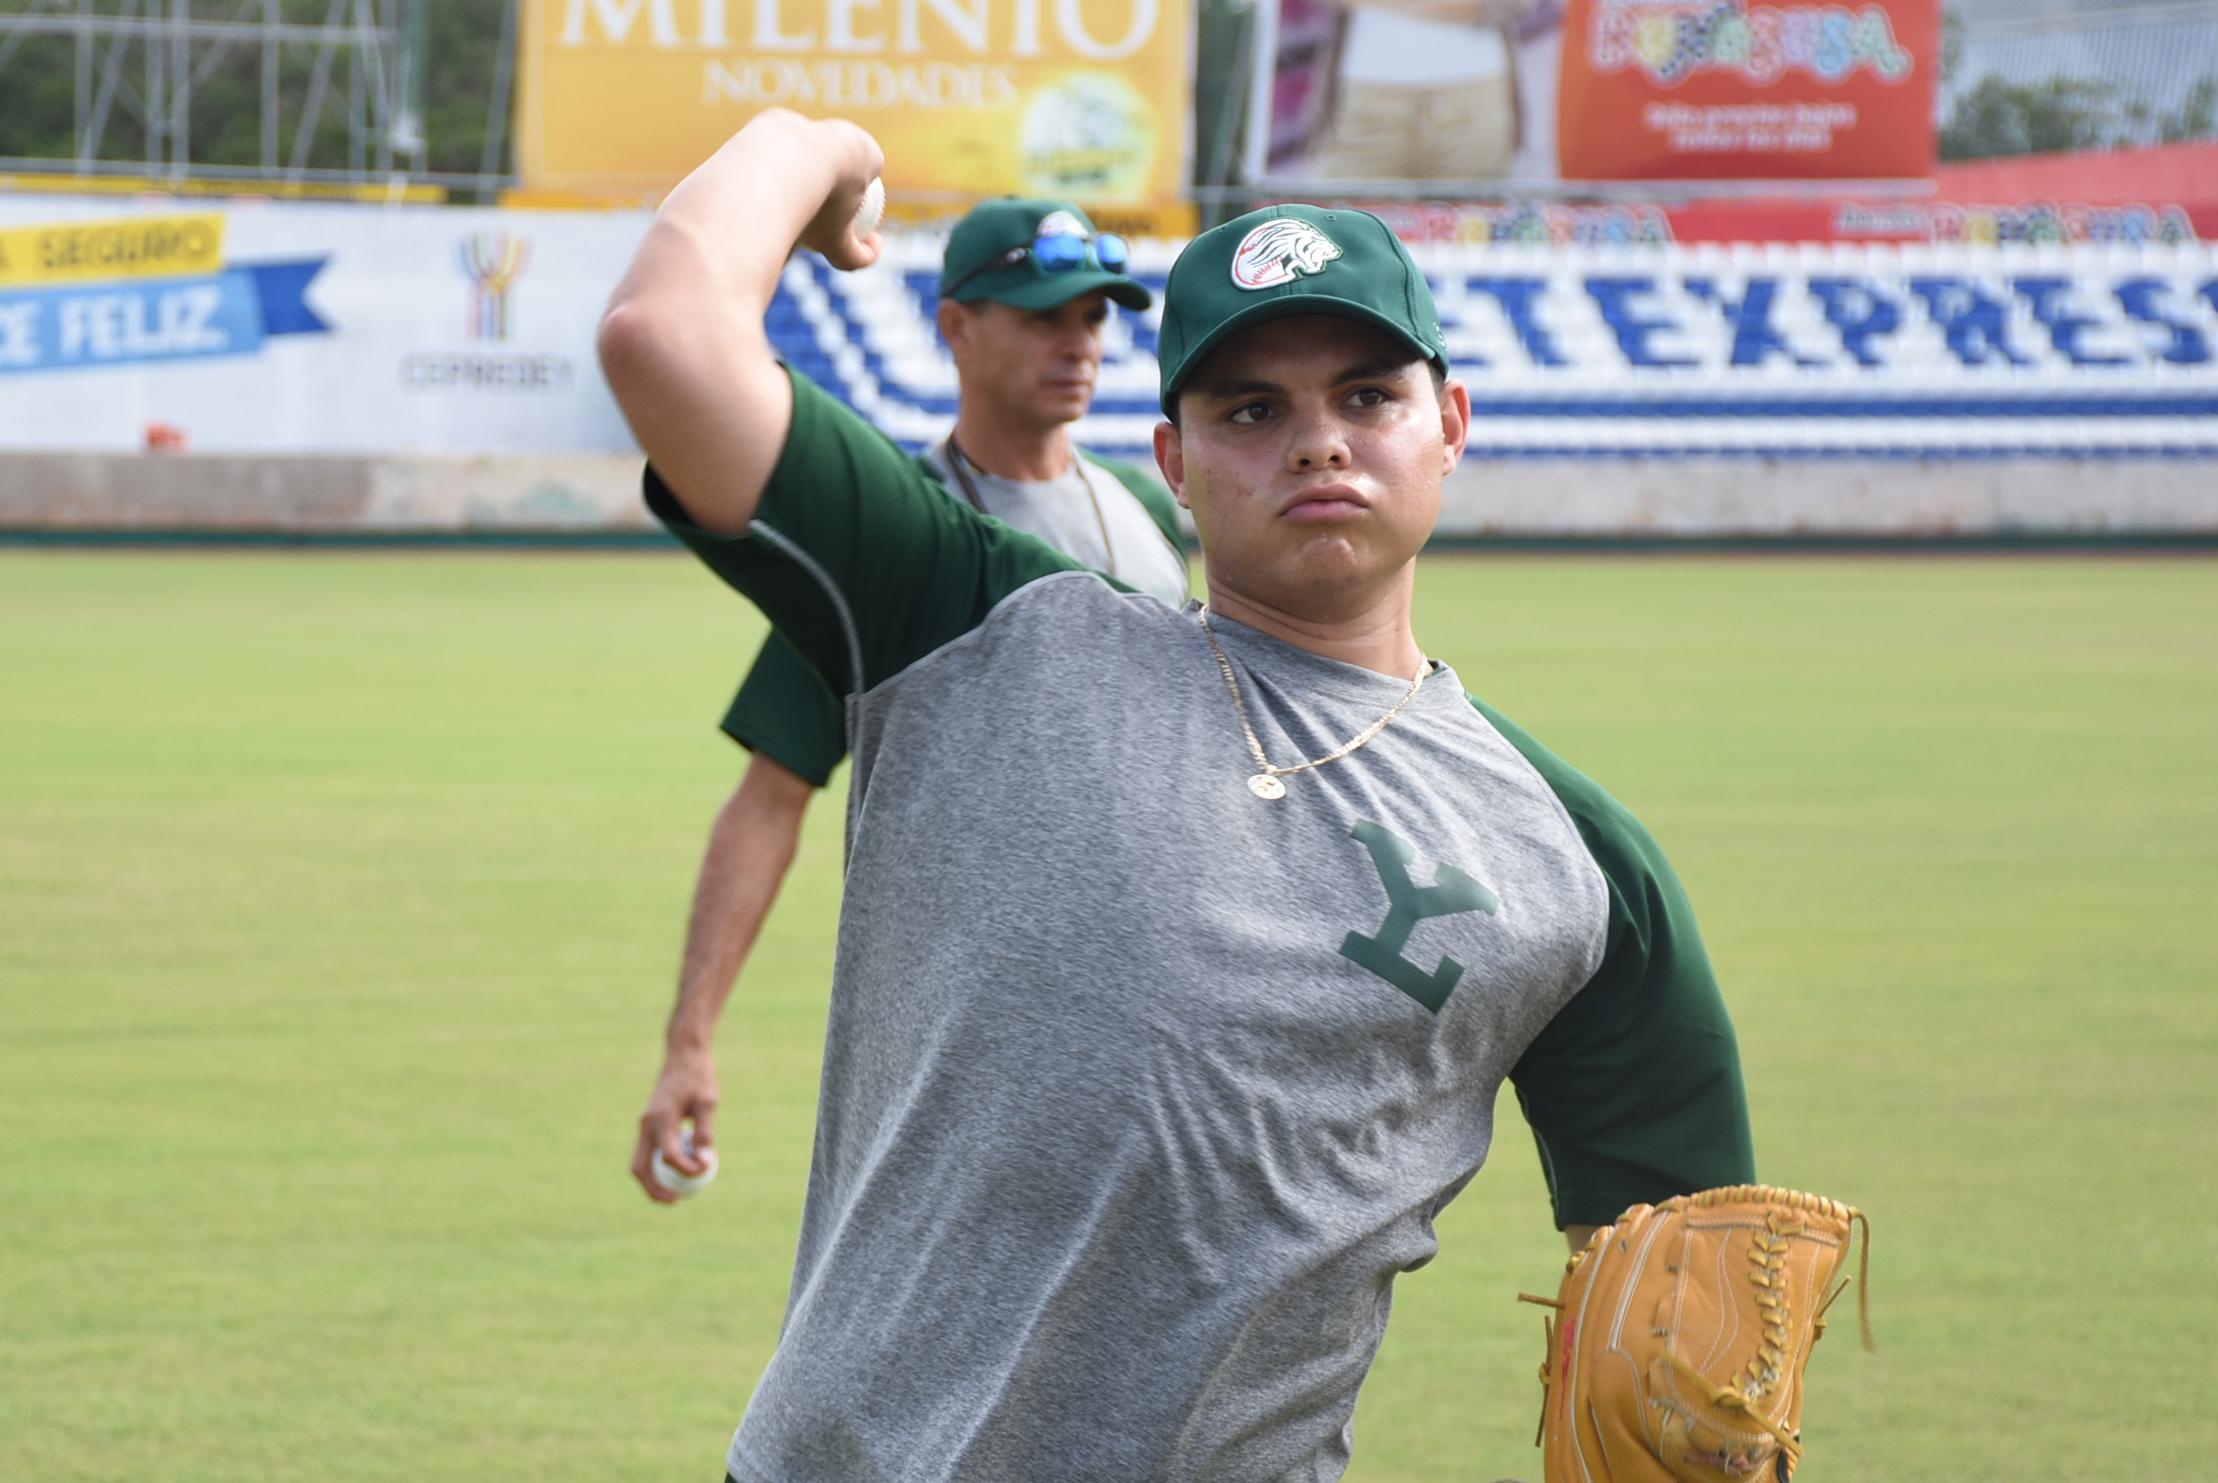 Carlos Bustamante quiere lucir en el campamento melenudo